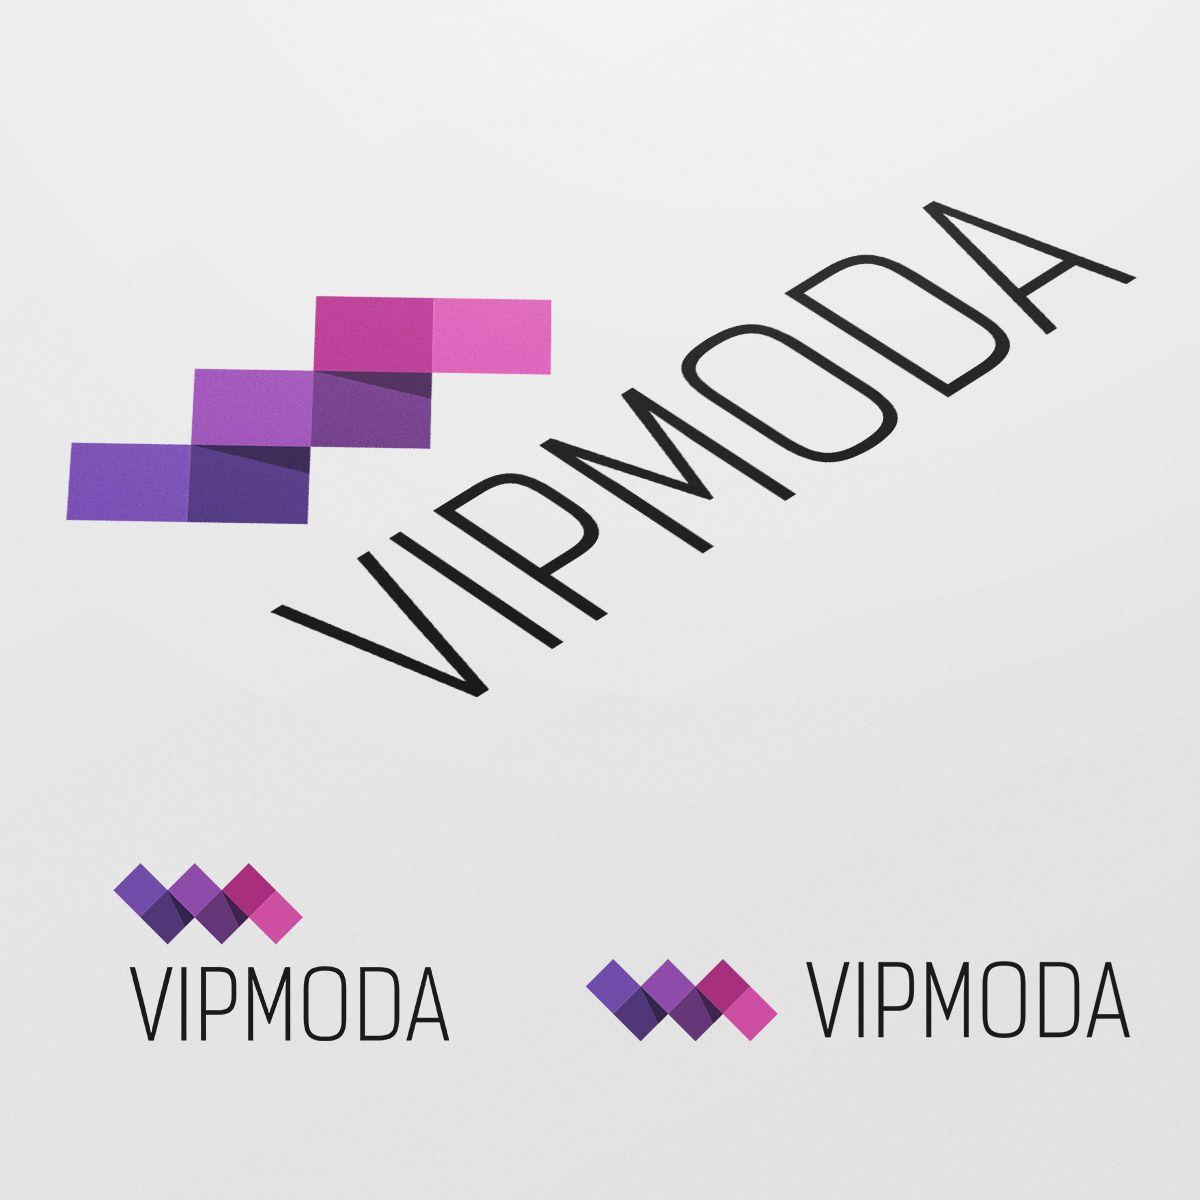 Лого и фирменный стиль компании ВИПМОДА  - дизайнер TVdesign